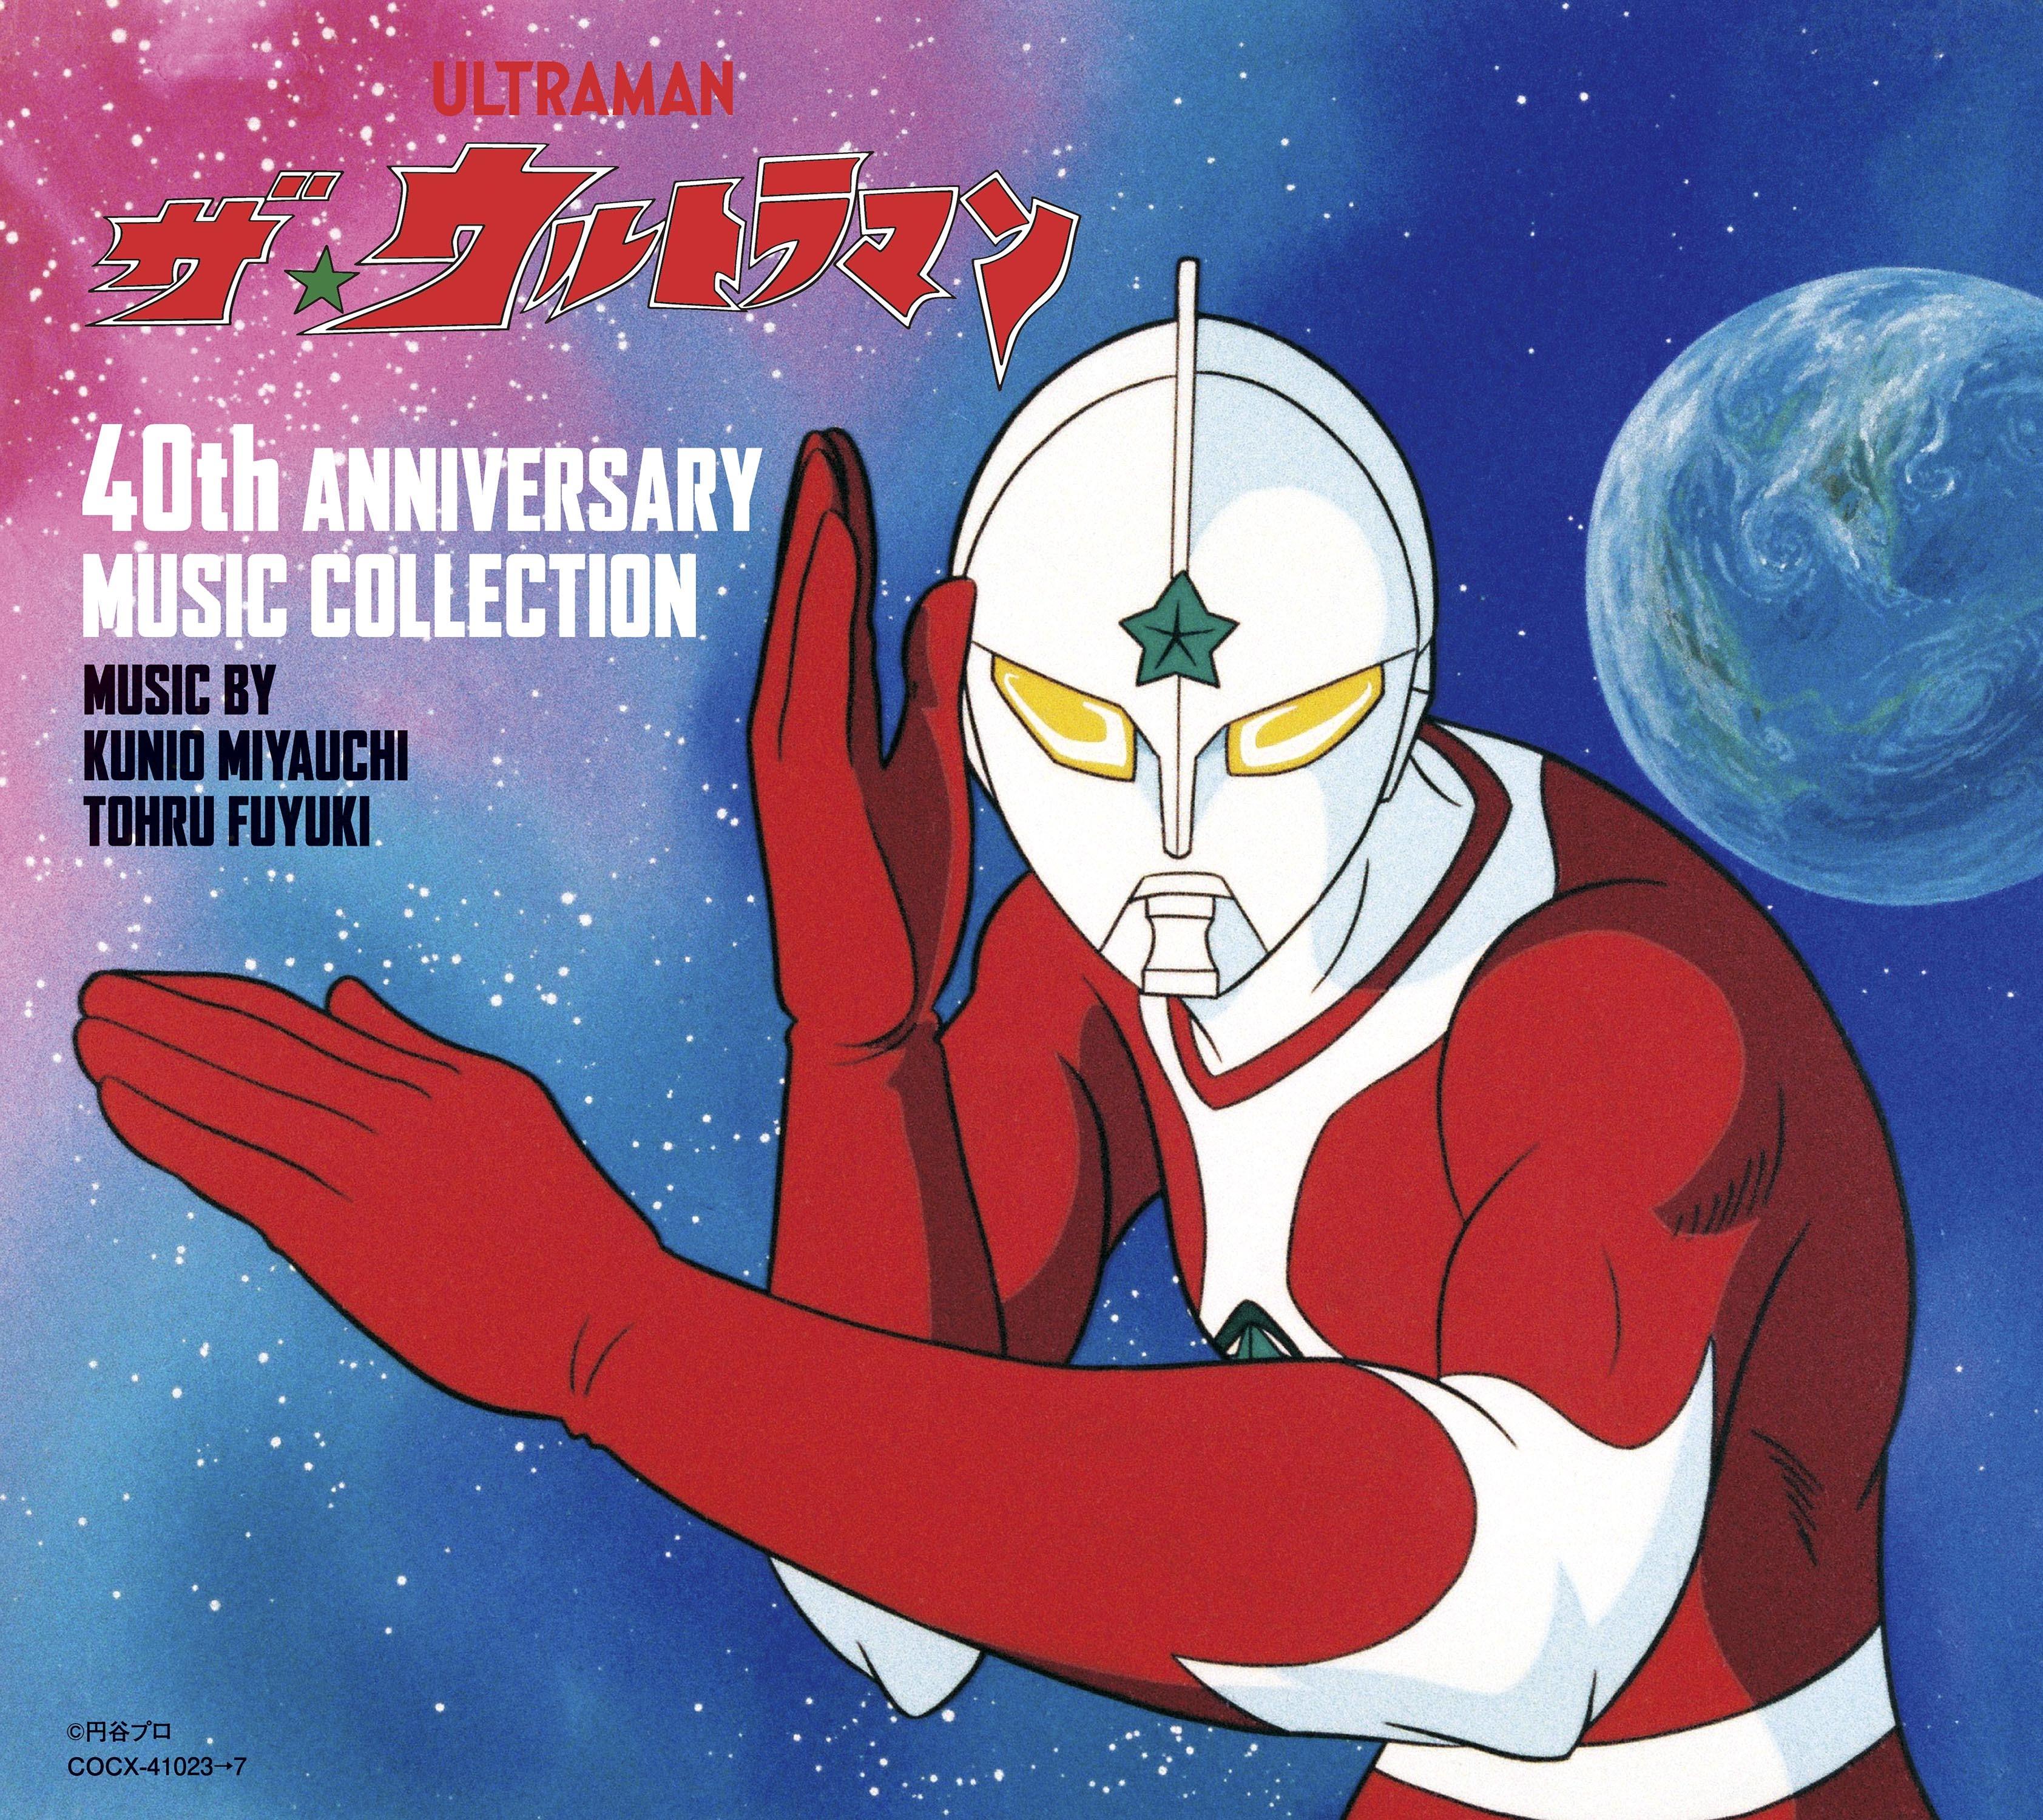 『ザ☆ウルトラマン 40th ANNIVERSARY MUSIC COLLECTION』ジャケット (C)円谷プロ